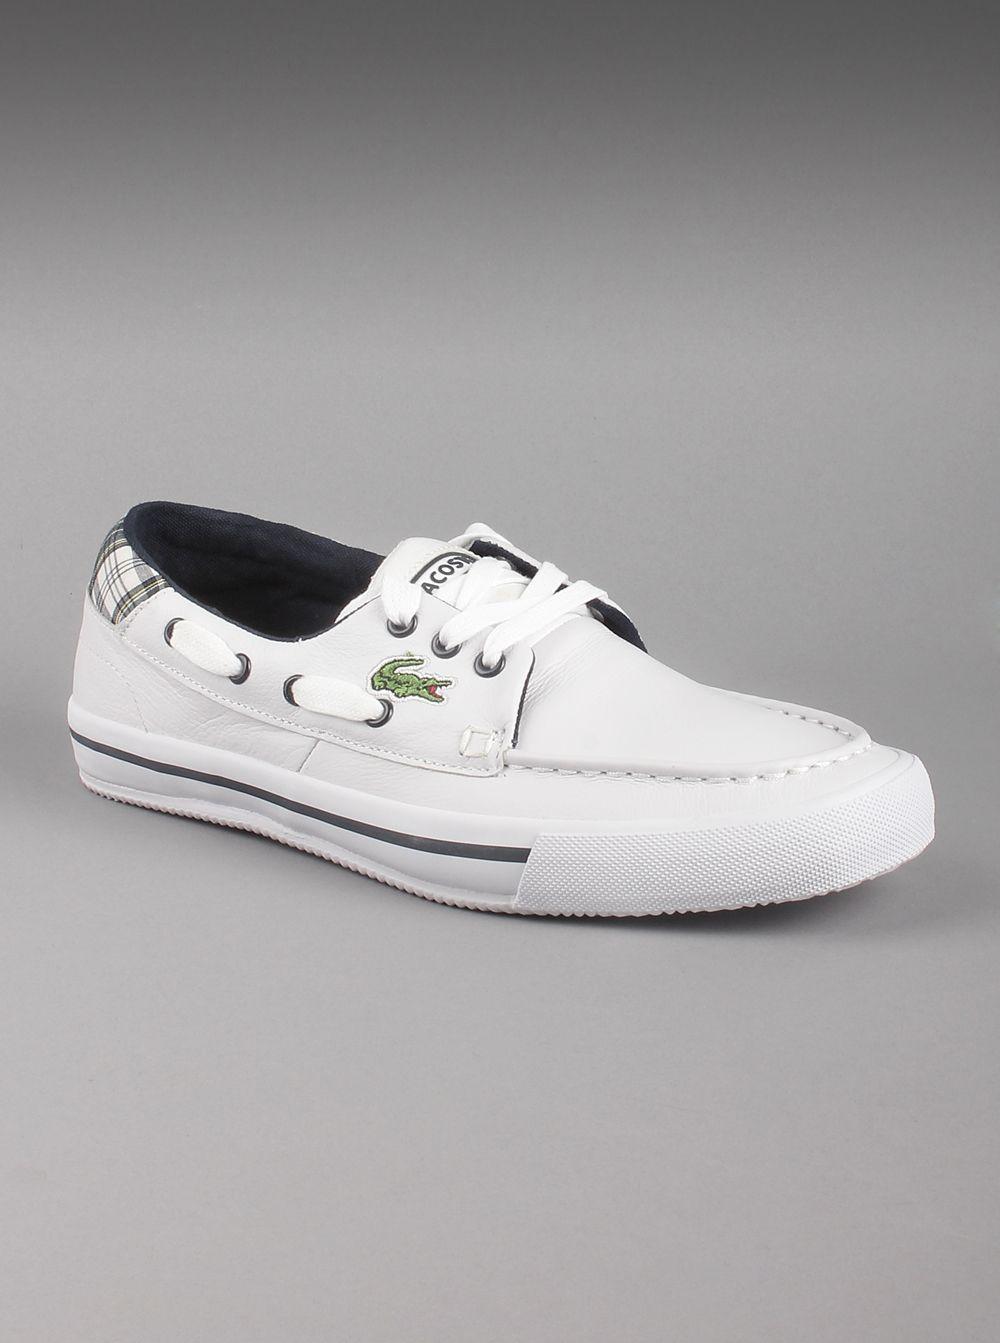 Canvas boat shoes, Lacoste men